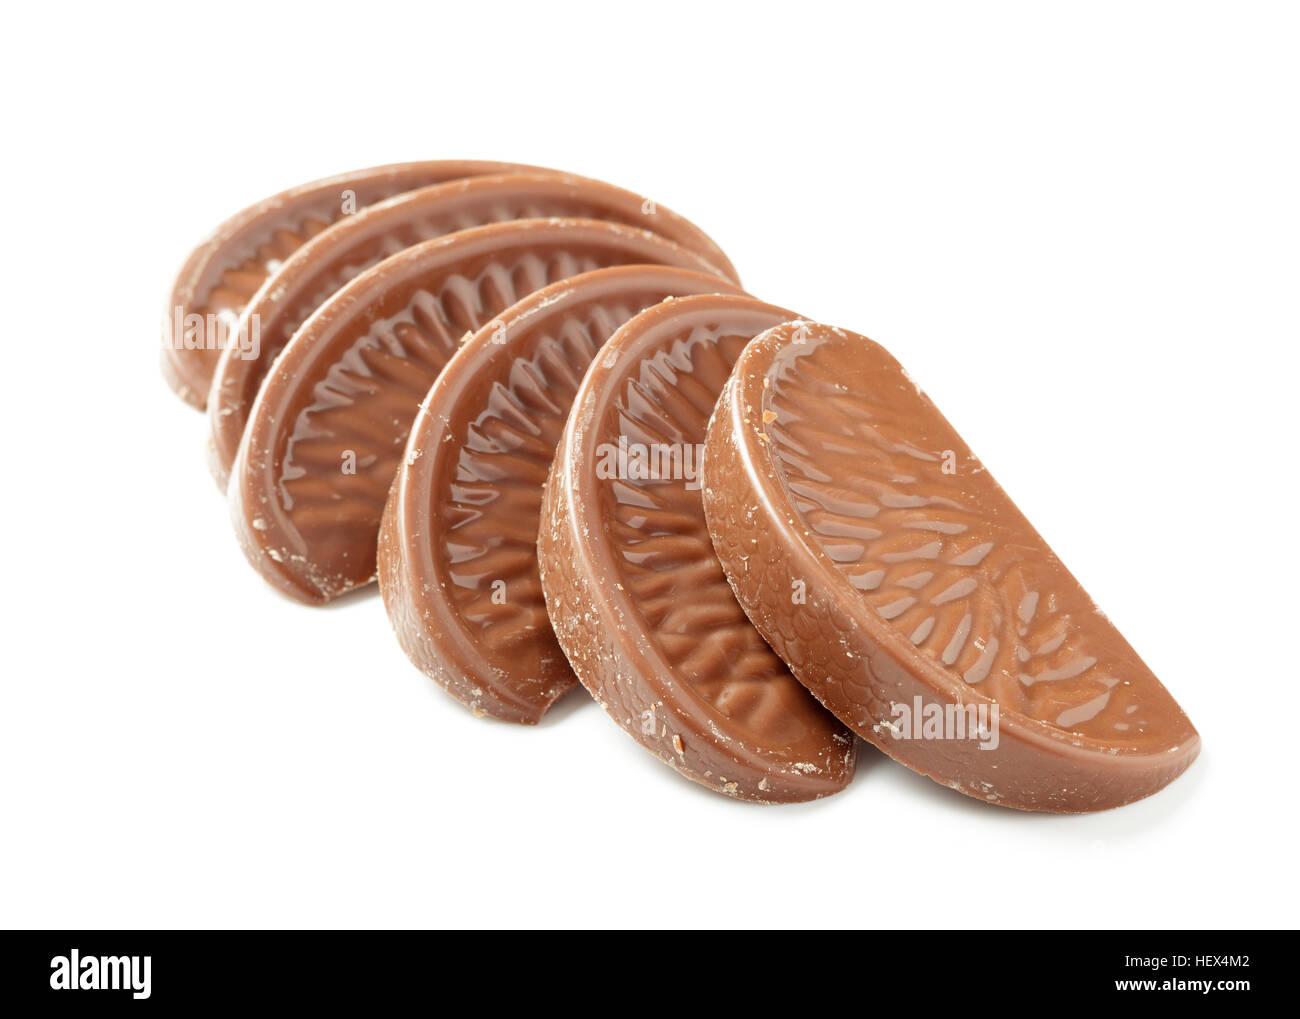 Terry's chocolate orange - Stock Image